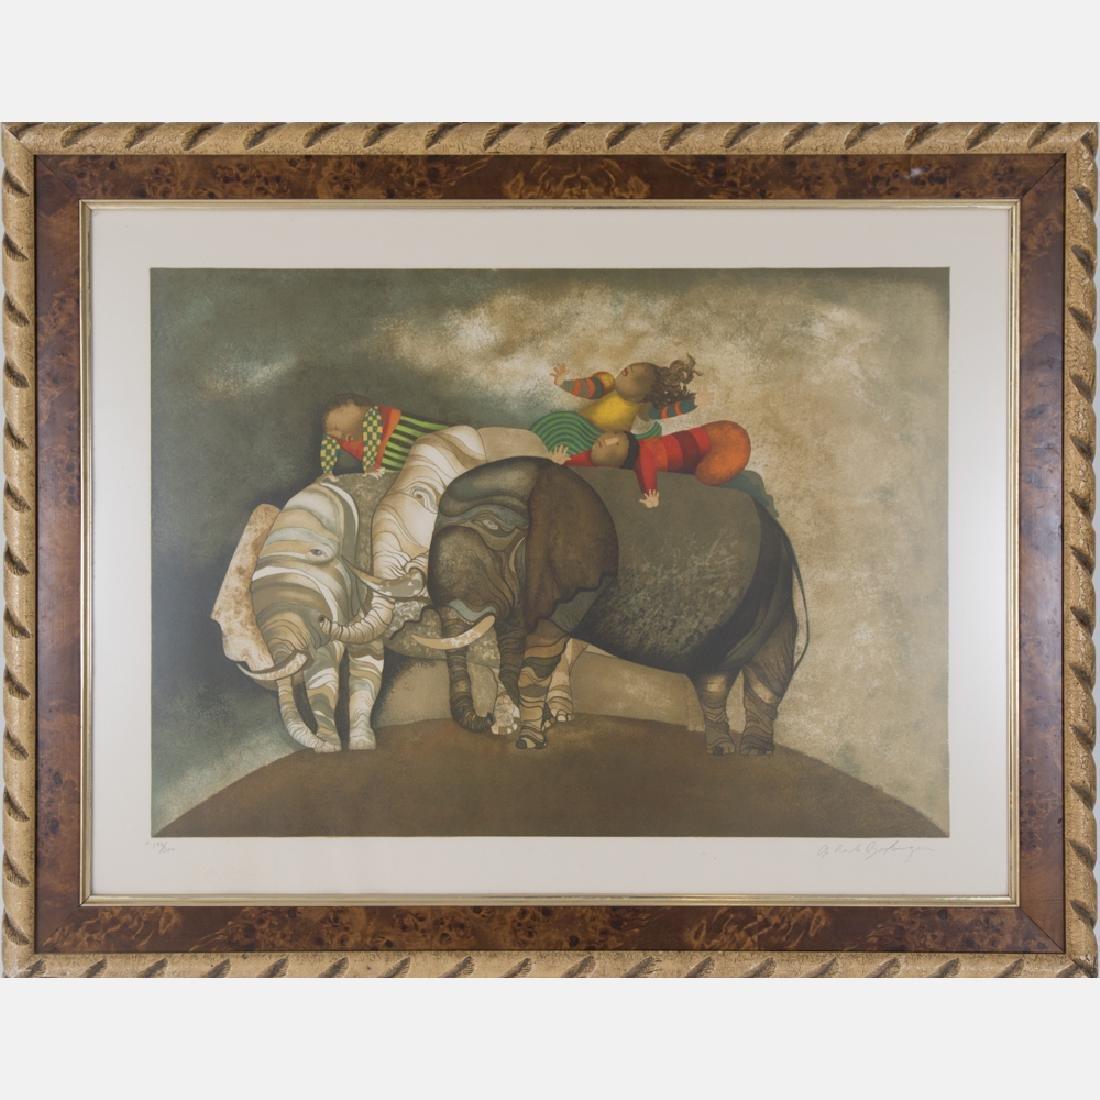 Graciela Rodo Boulanger (b. 1935) Trois Elephants,